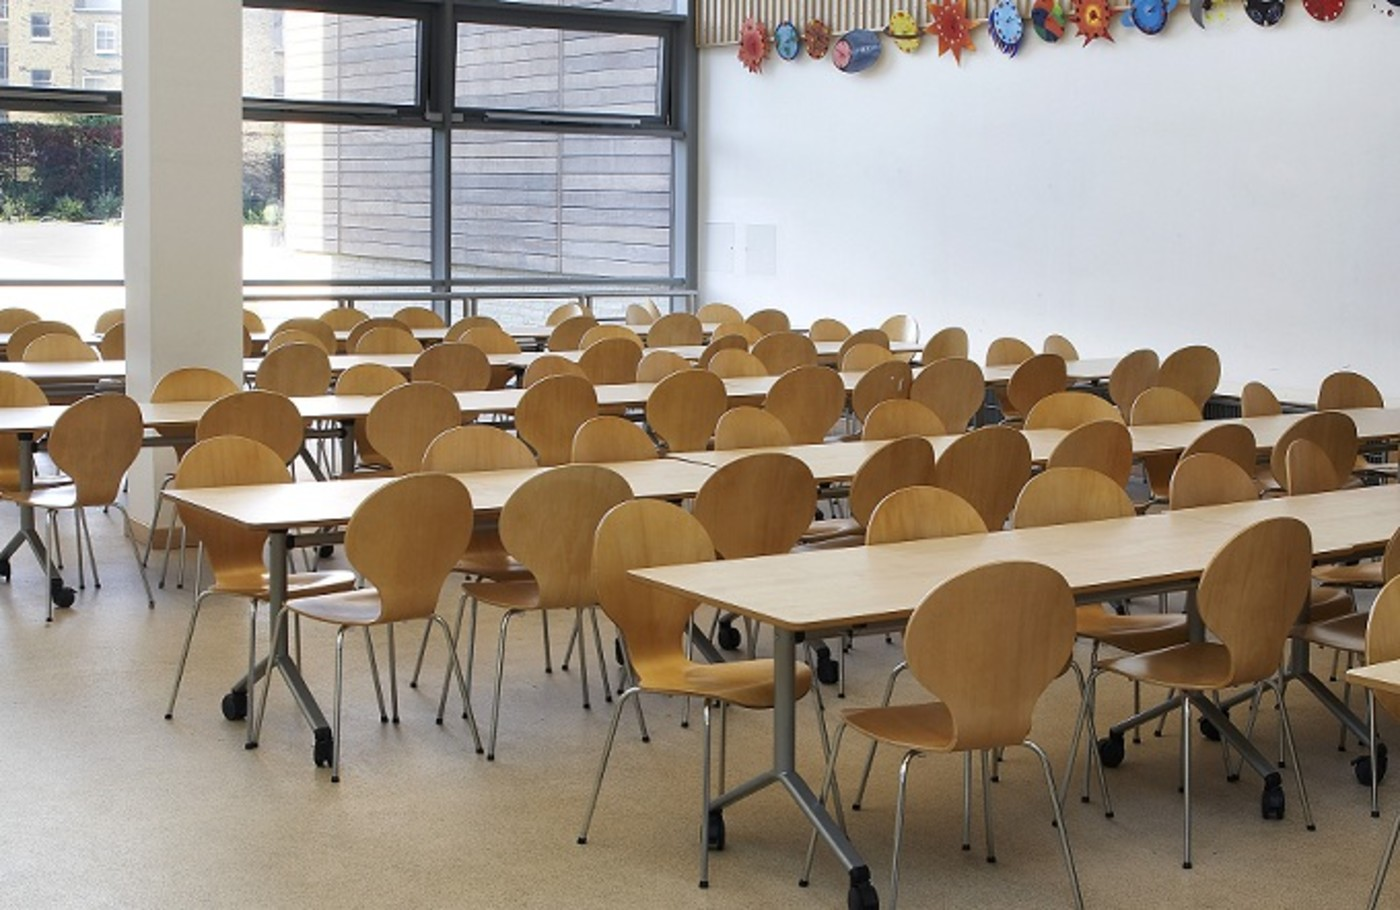 Empty school cafeteria